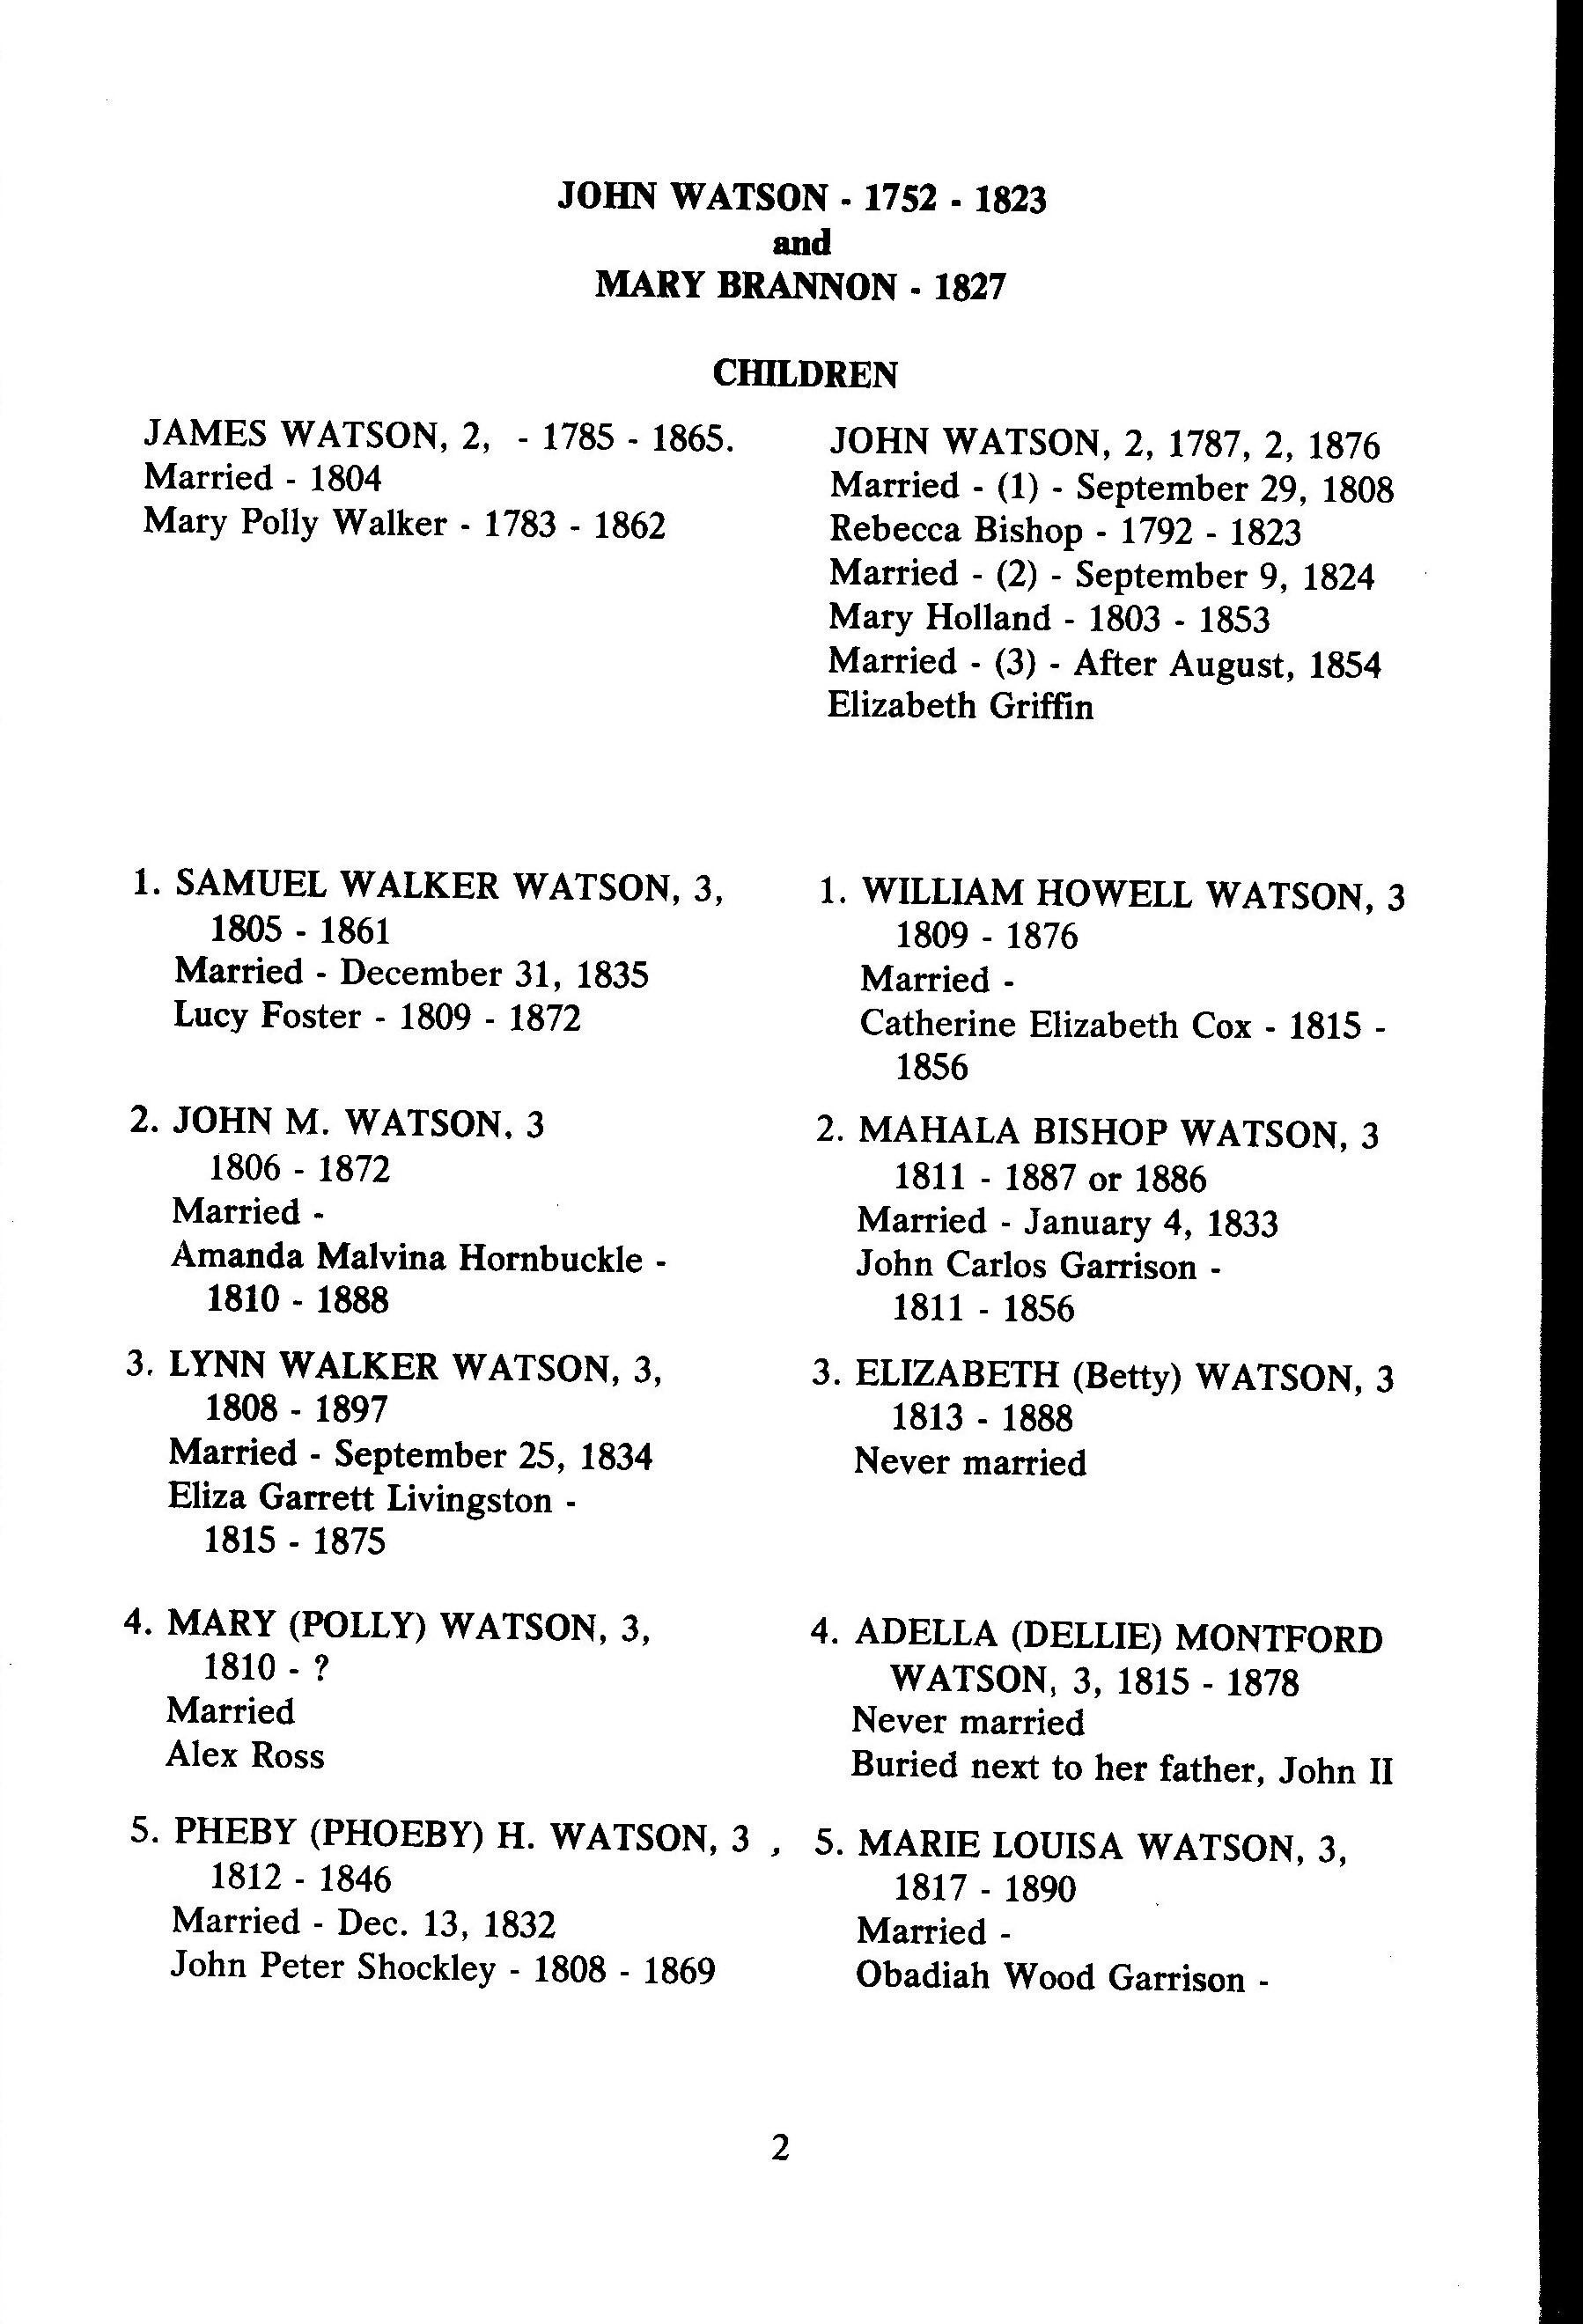 Arthur James Watson